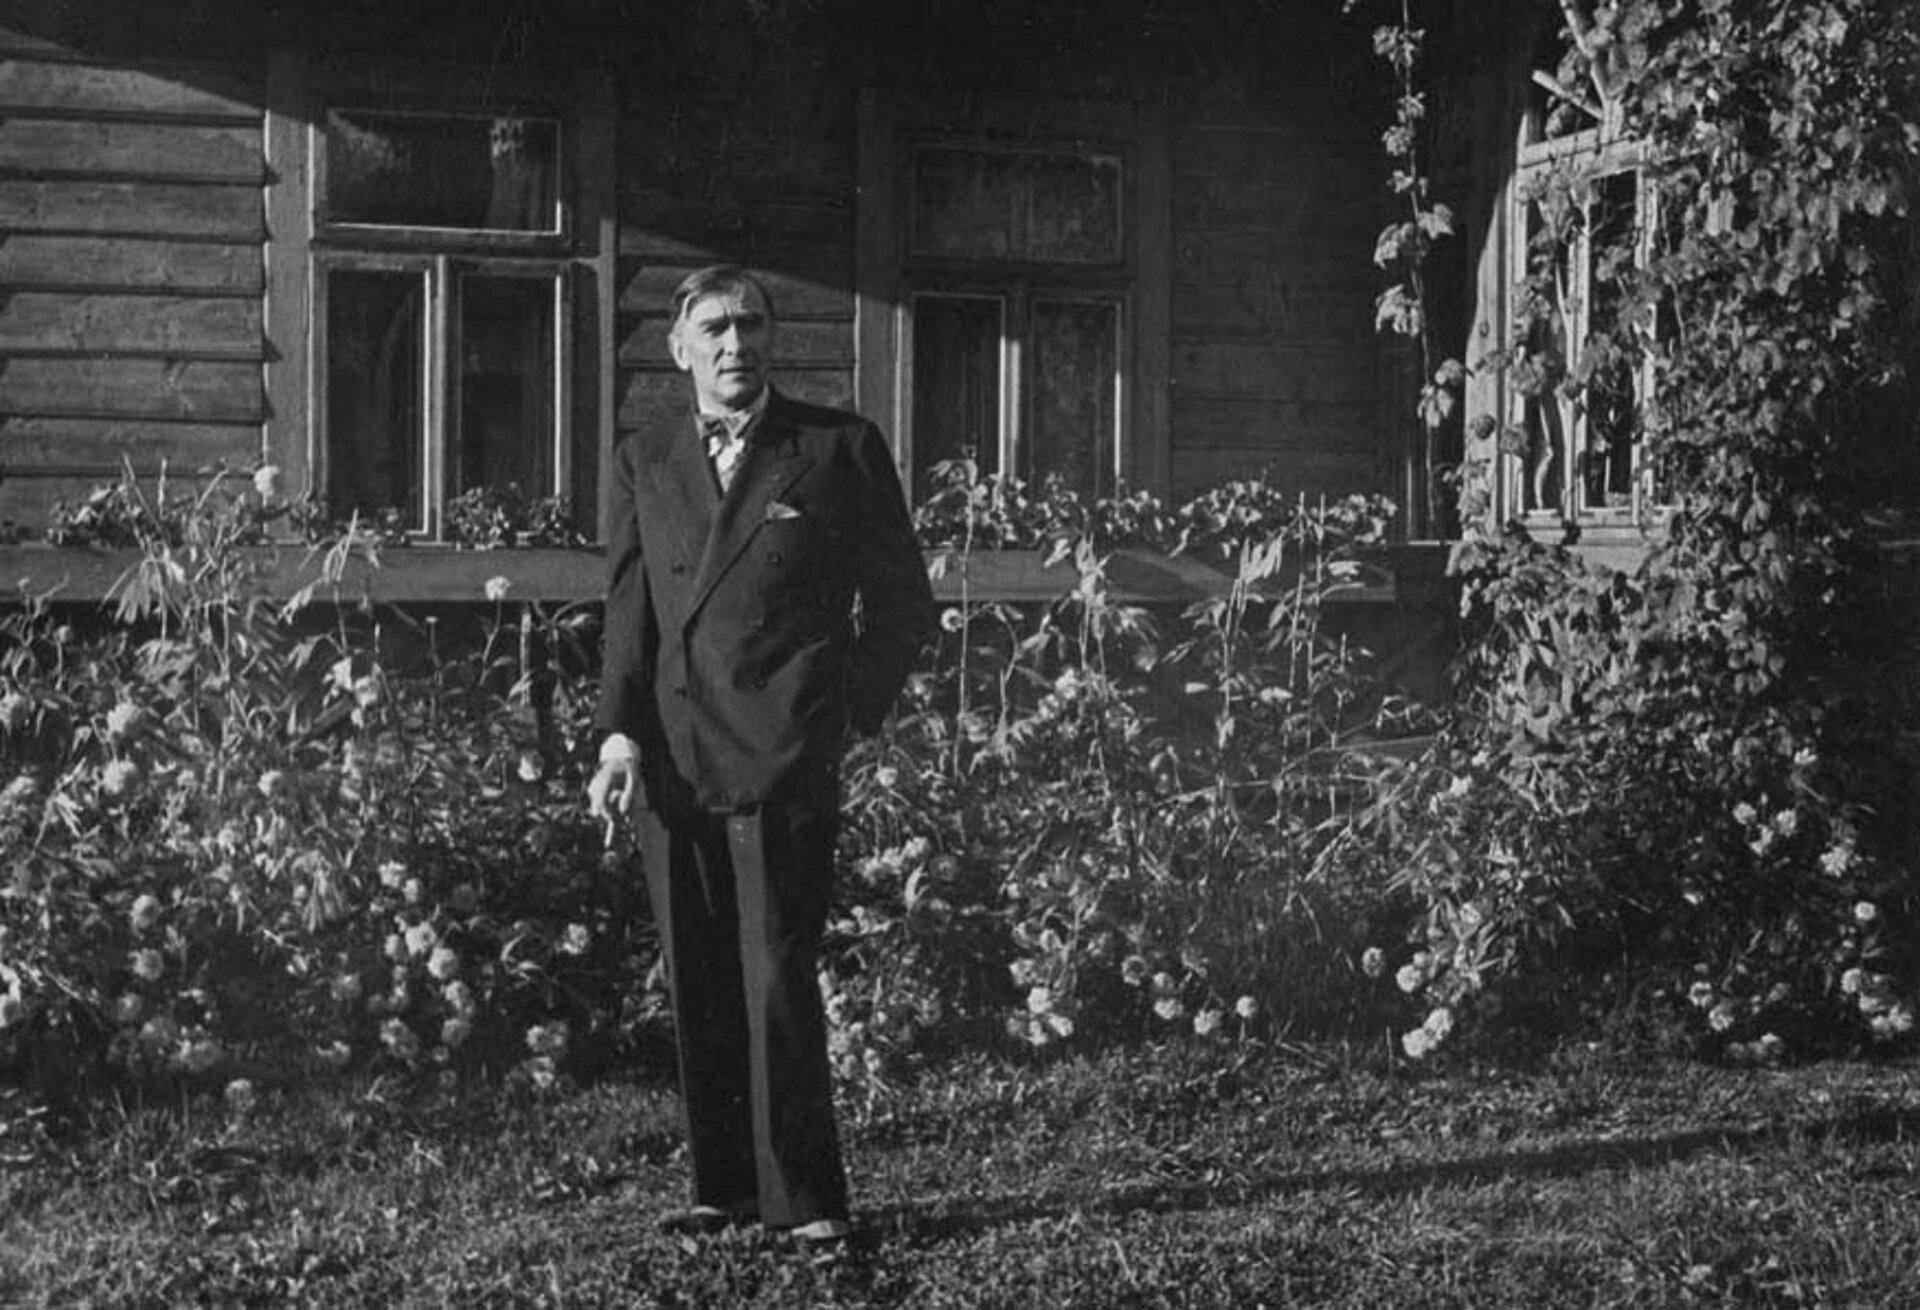 """Fotografia przedstawia Karola Szymanowskiego przed willą """"Atma"""" wZakopanem w1935 roku. Mężczyzna wśrednim wieku, ubrany wgarnitur. Wprawej dłoni trzyma papieros, lewą natomiast ma wkieszeni."""